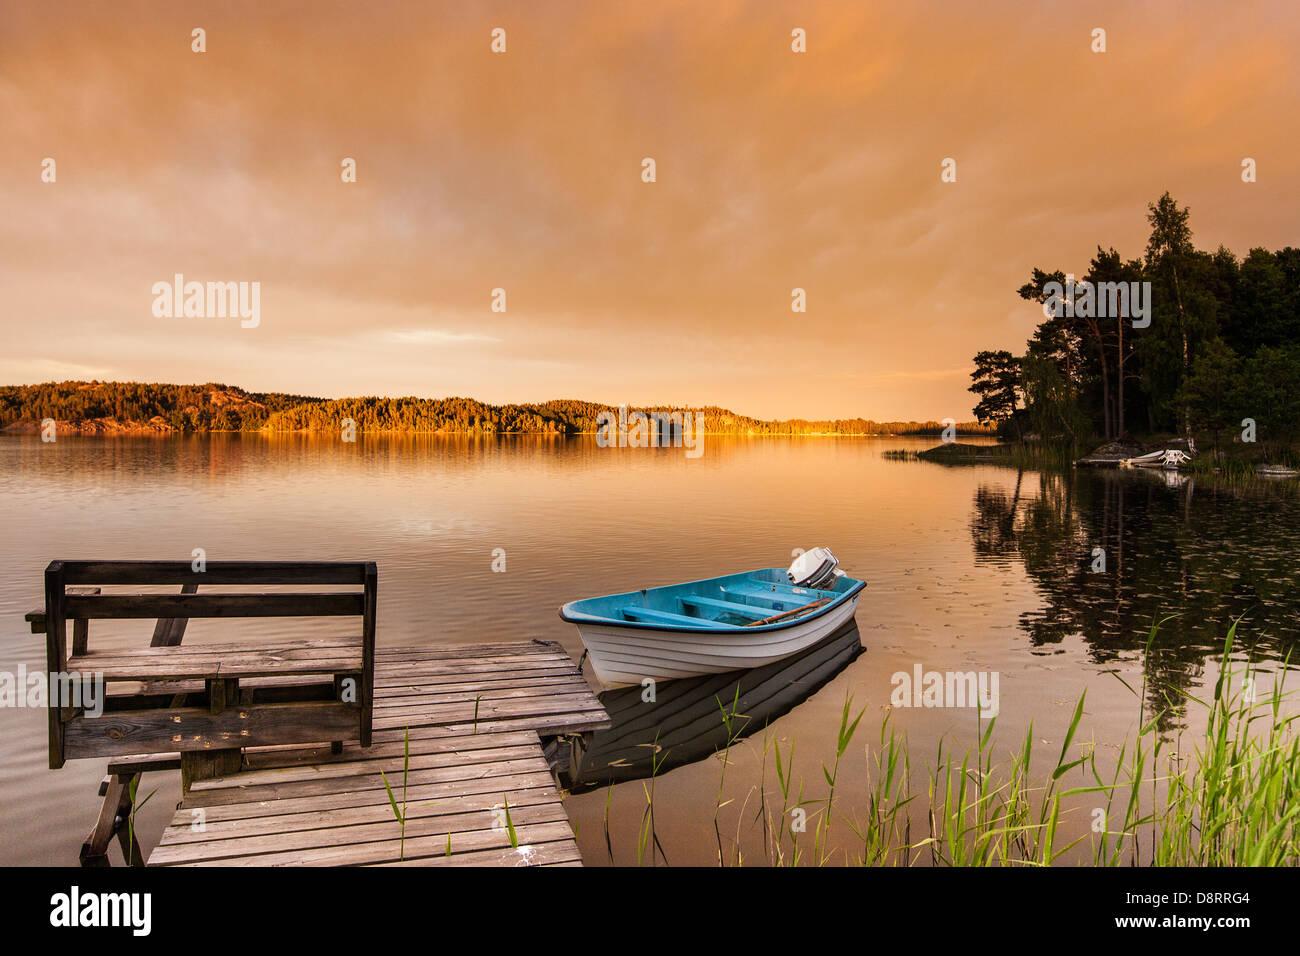 Petit bateau amarré à une jetée sur un lac en Suède, soir Photo Stock